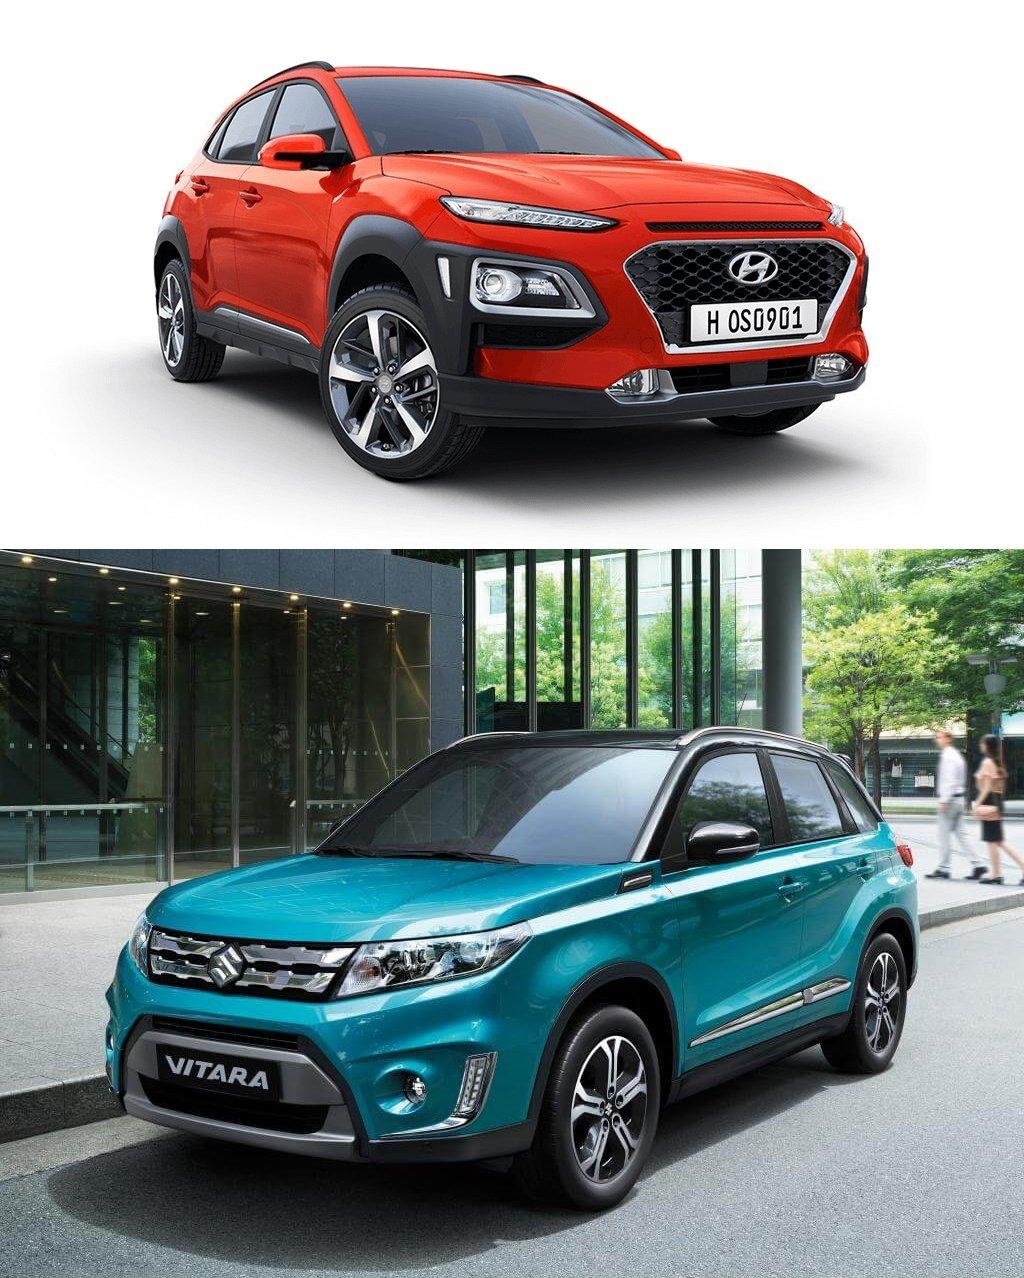 SUV đô thị cỡ nhỏ dưới 800 triệu, chọn Hyundai Kona 2019 hay Suzuki Vitara 2018? 4.